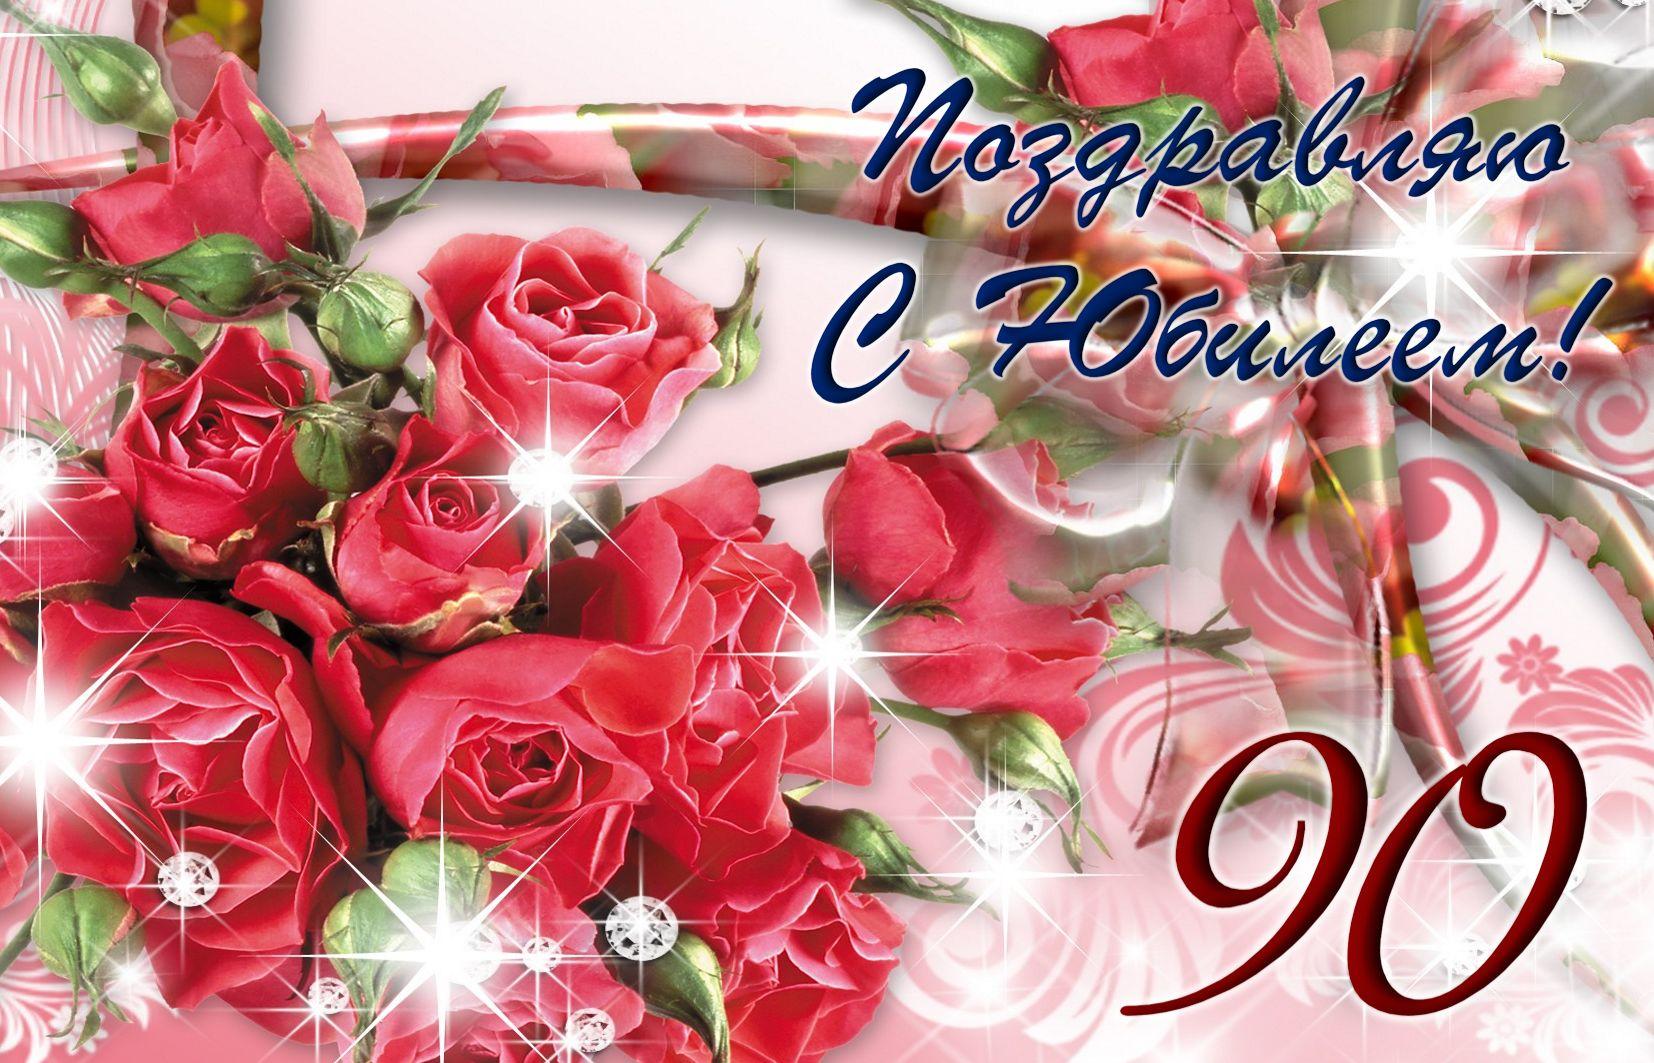 Красные розы на сияющем фоне на юбилей 90 лет